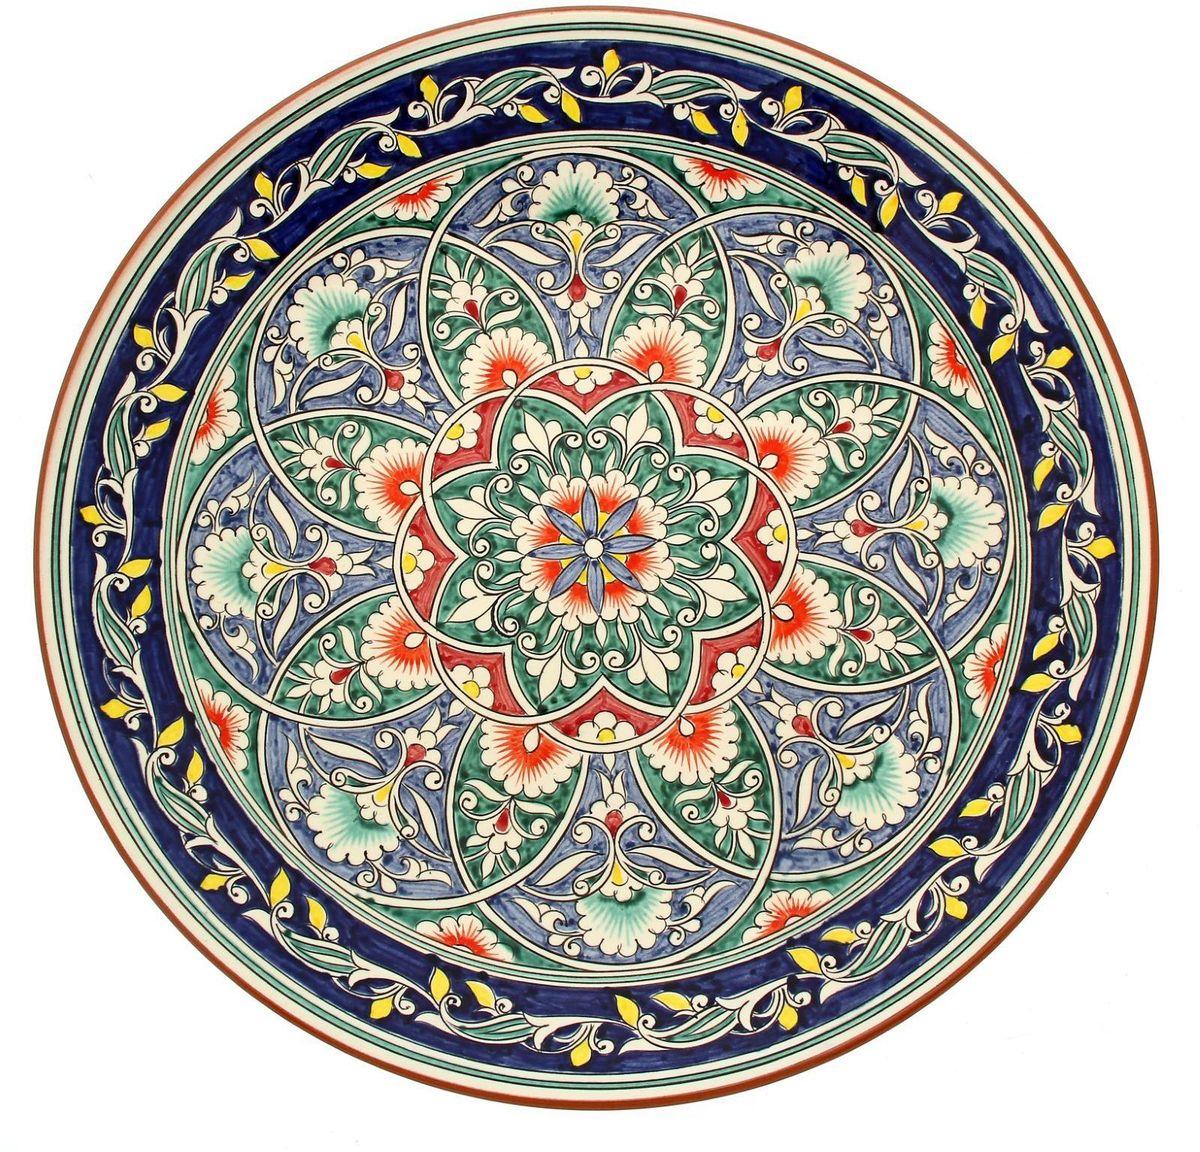 Ляган Риштанская керамика, диаметр 41 см. 19234821923482Ляган — это не просто обеденный атрибут, это украшение стола. Посуда с национальной росписью станет отменным подарком для ценителей высокородной посуды.Риштан — город на востоке Узбекистана, один из древнейших в Ферганской долине. С давних времён Риштан славится своим гончарным искусством изготовления цветной керамики. Красноватую глину для изделия добывают в самом городе. Мастера утверждают, что их глина настолько высокого качества, что даже не нуждается в предварительной обработке. Дополните коллекцию кухонных аксессуаров пряными восточными нотами.